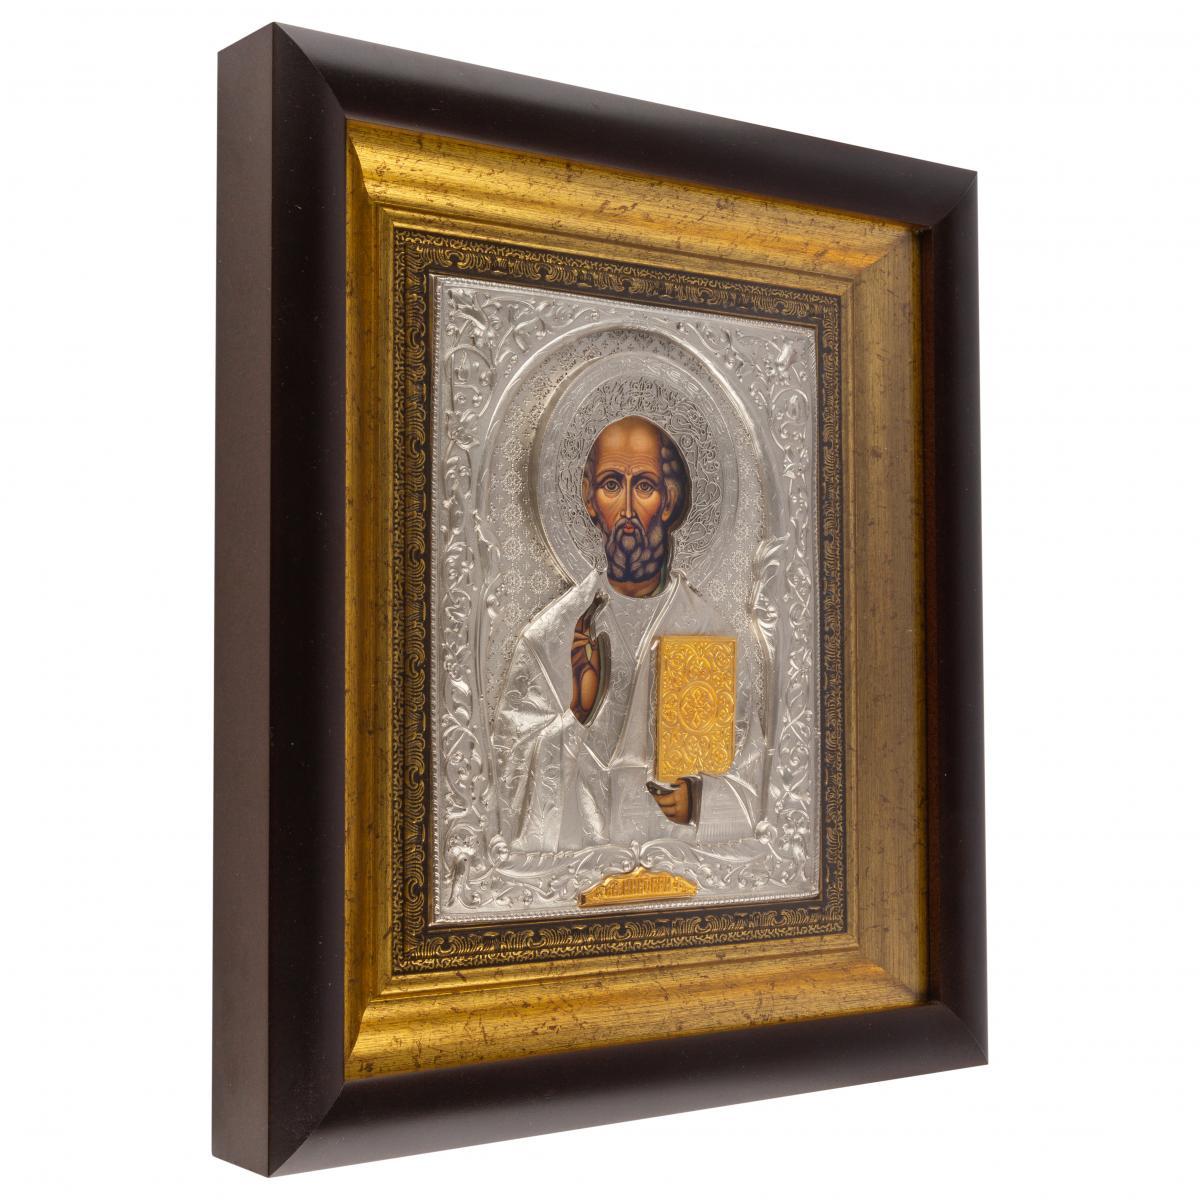 Ікона Миколай Чудотворець. Фото №1. | Народний дім Україна